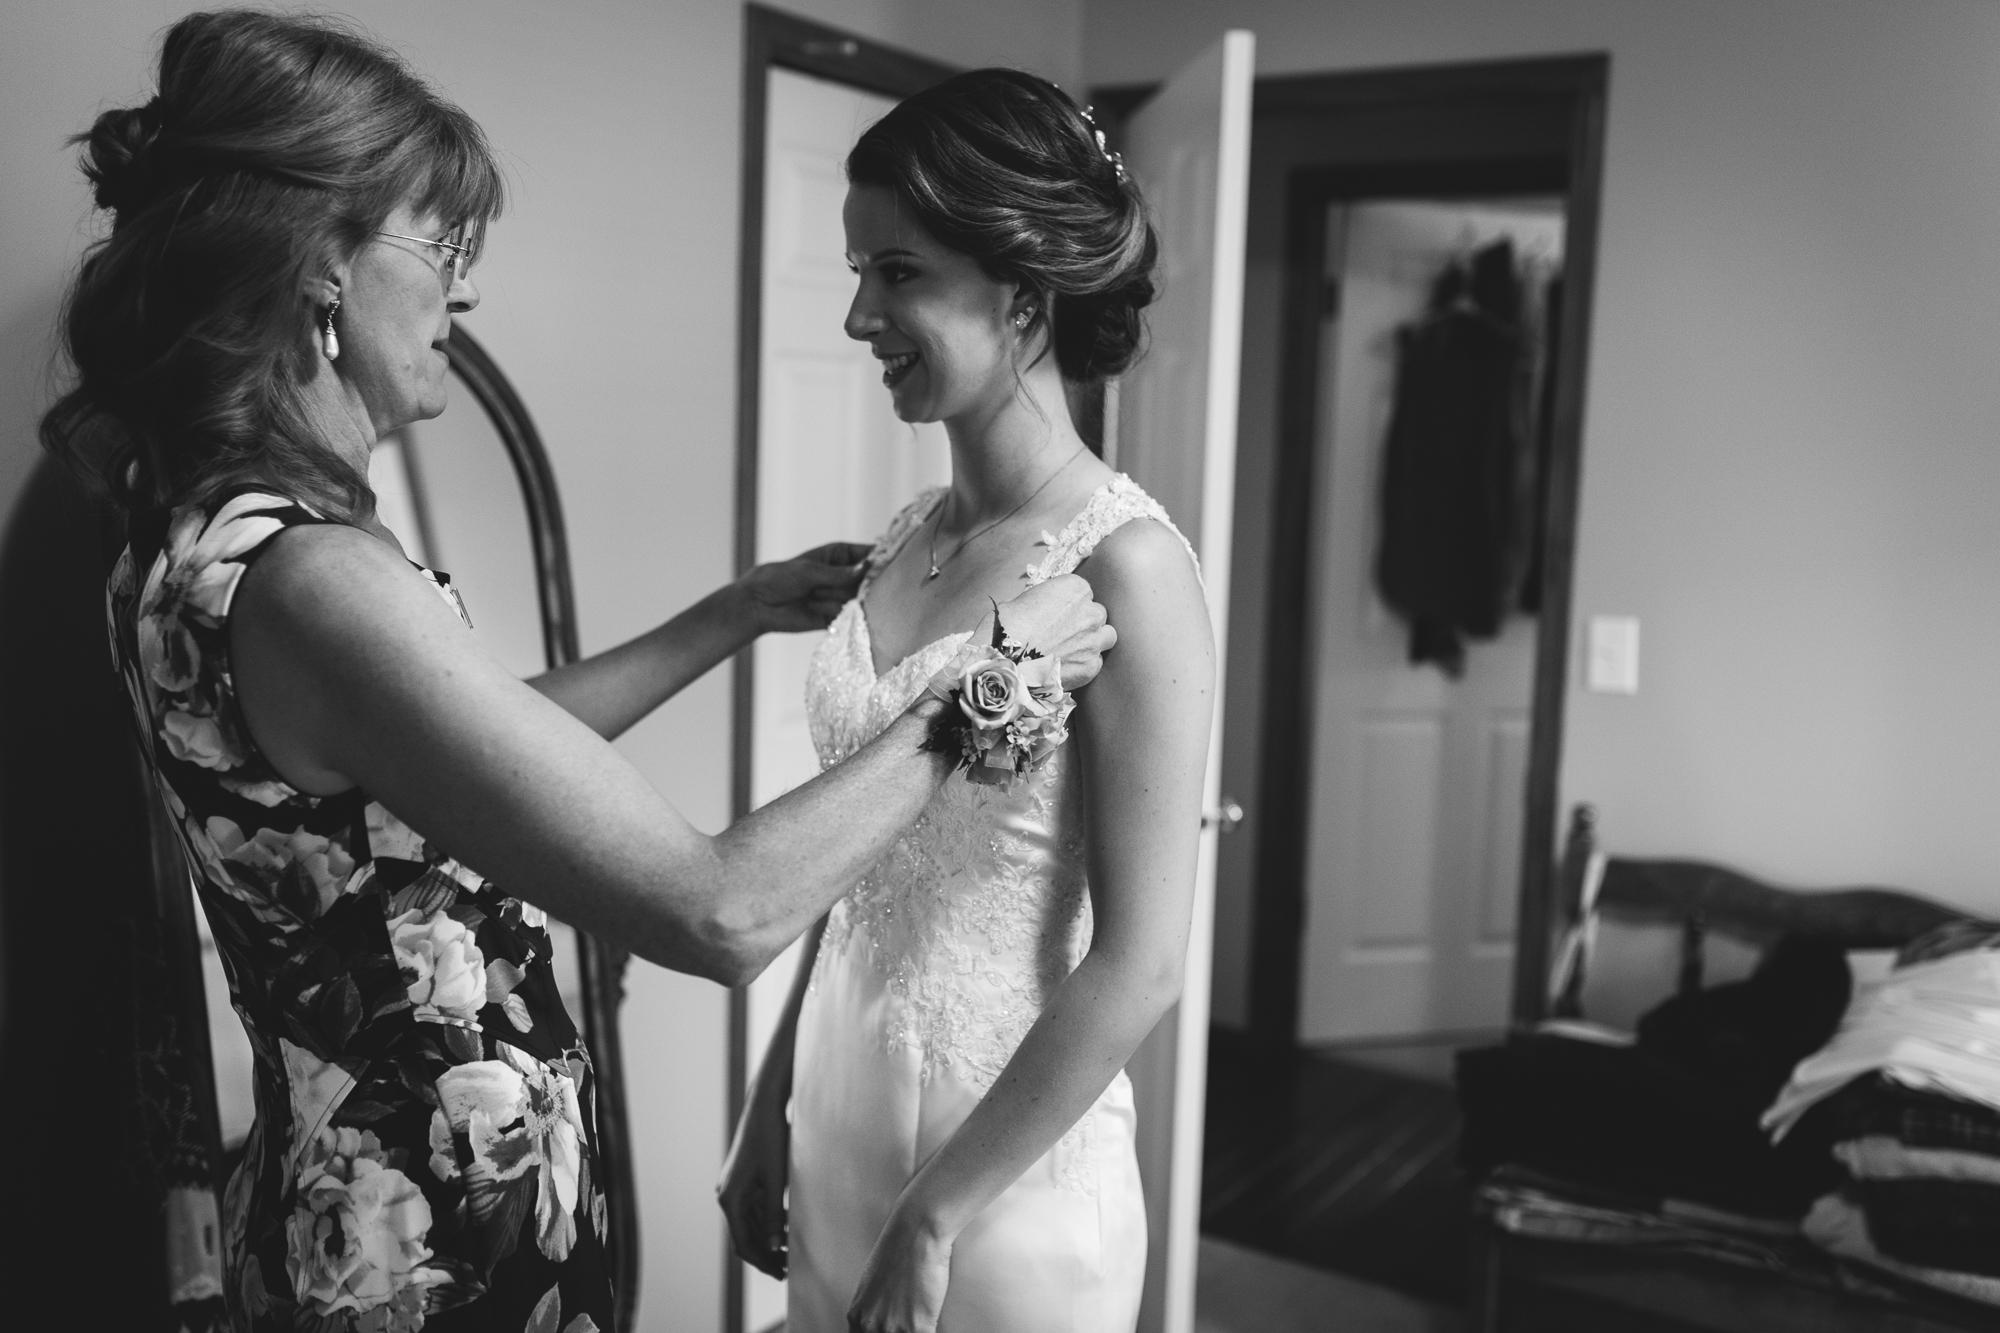 Deanna-Rachel-Photography-calgary-Wedding-photographer-jm-7.jpg